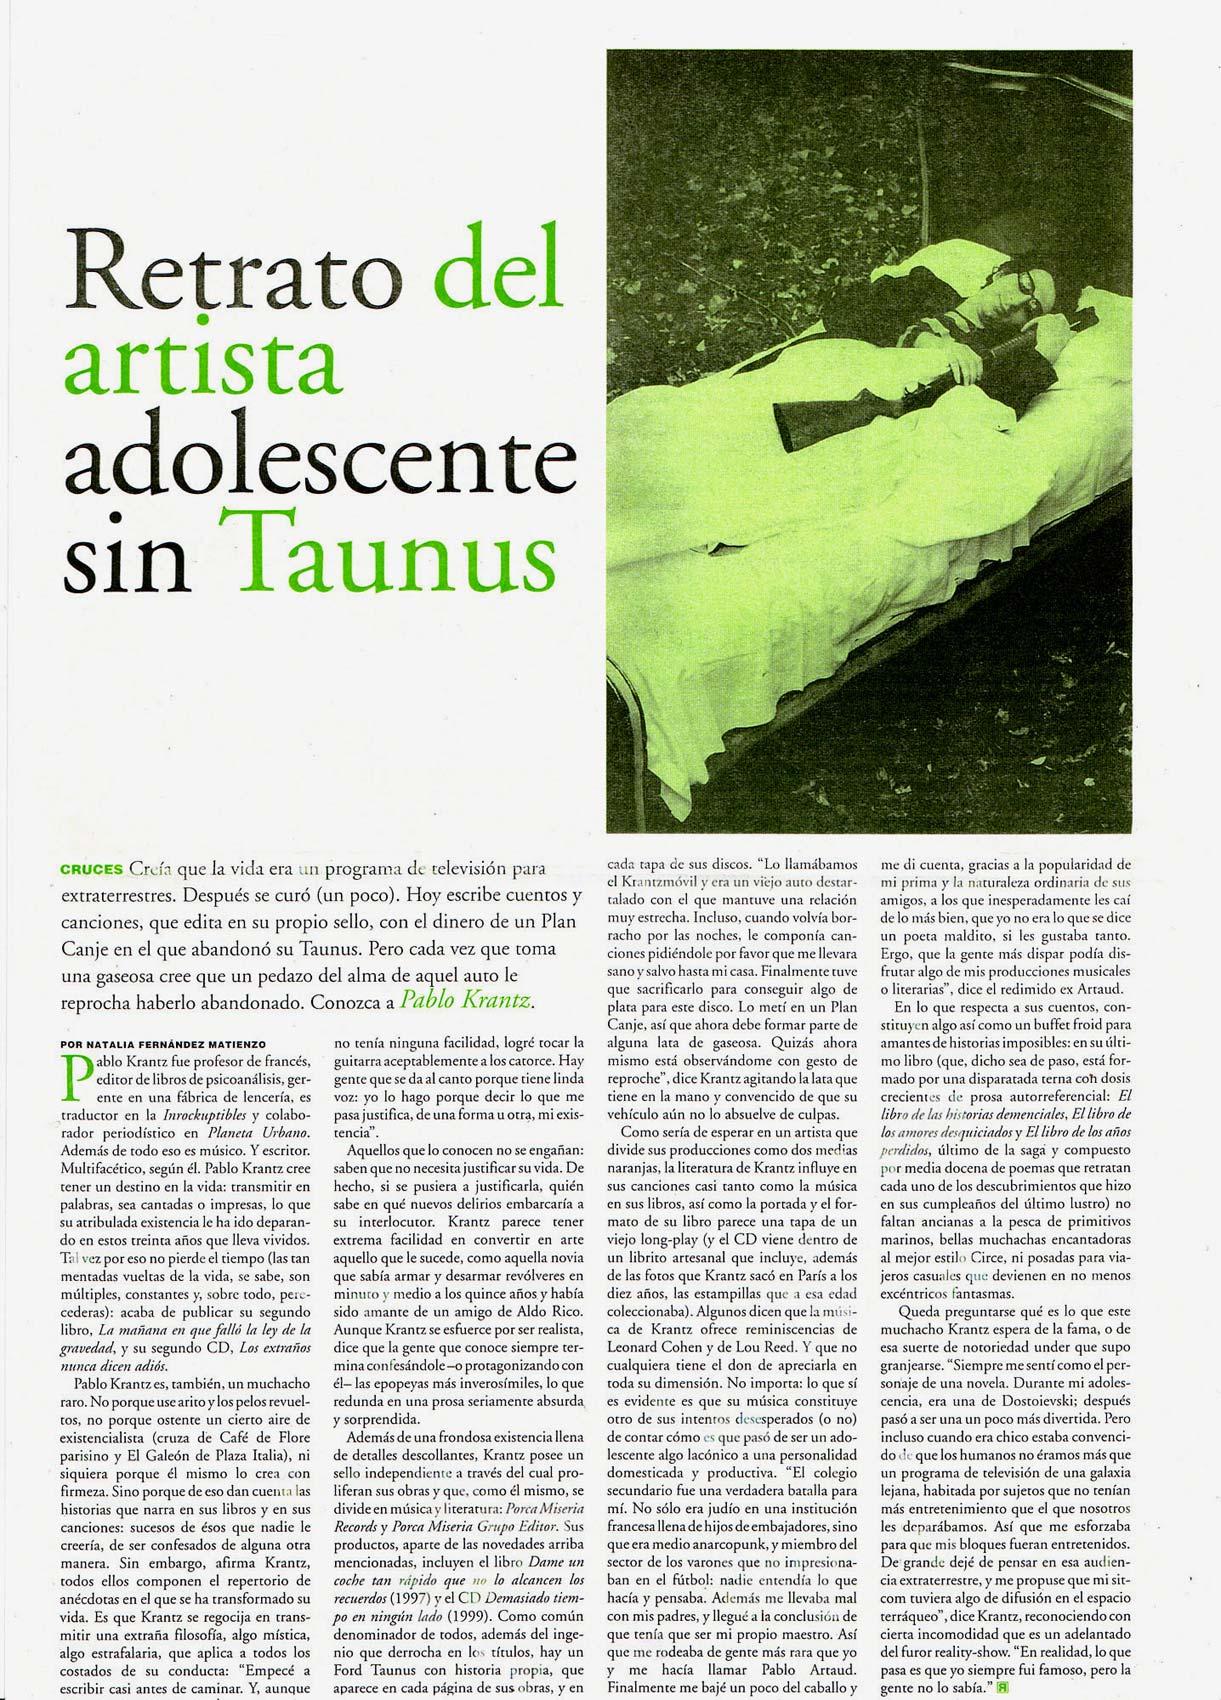 Diario Pagina12, Argentina, 2001